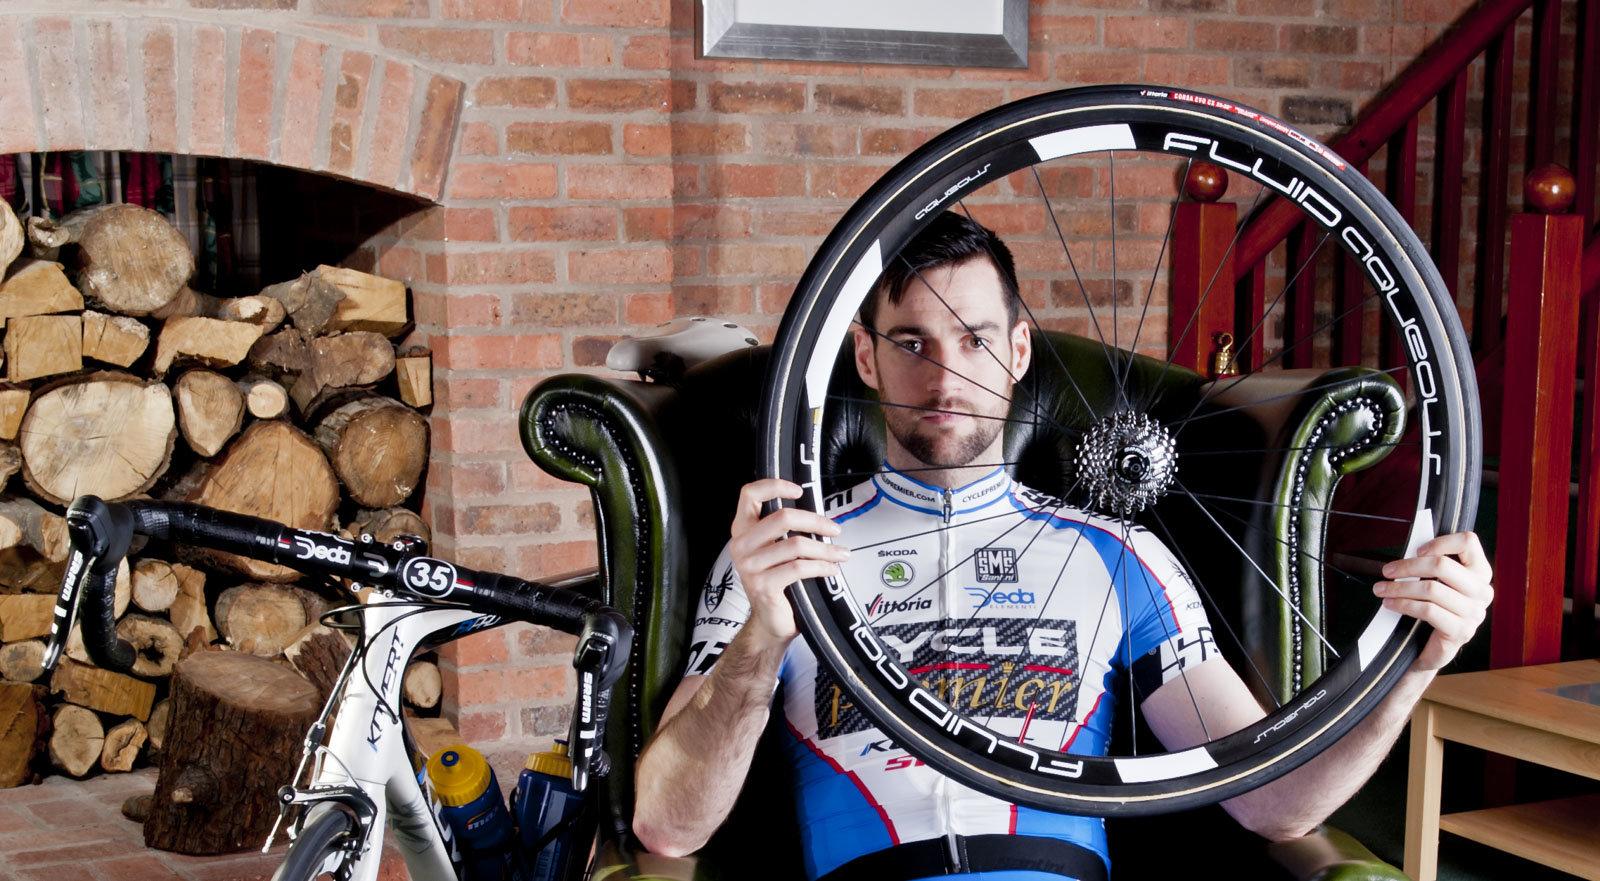 Chris Prichard Cycle Prem